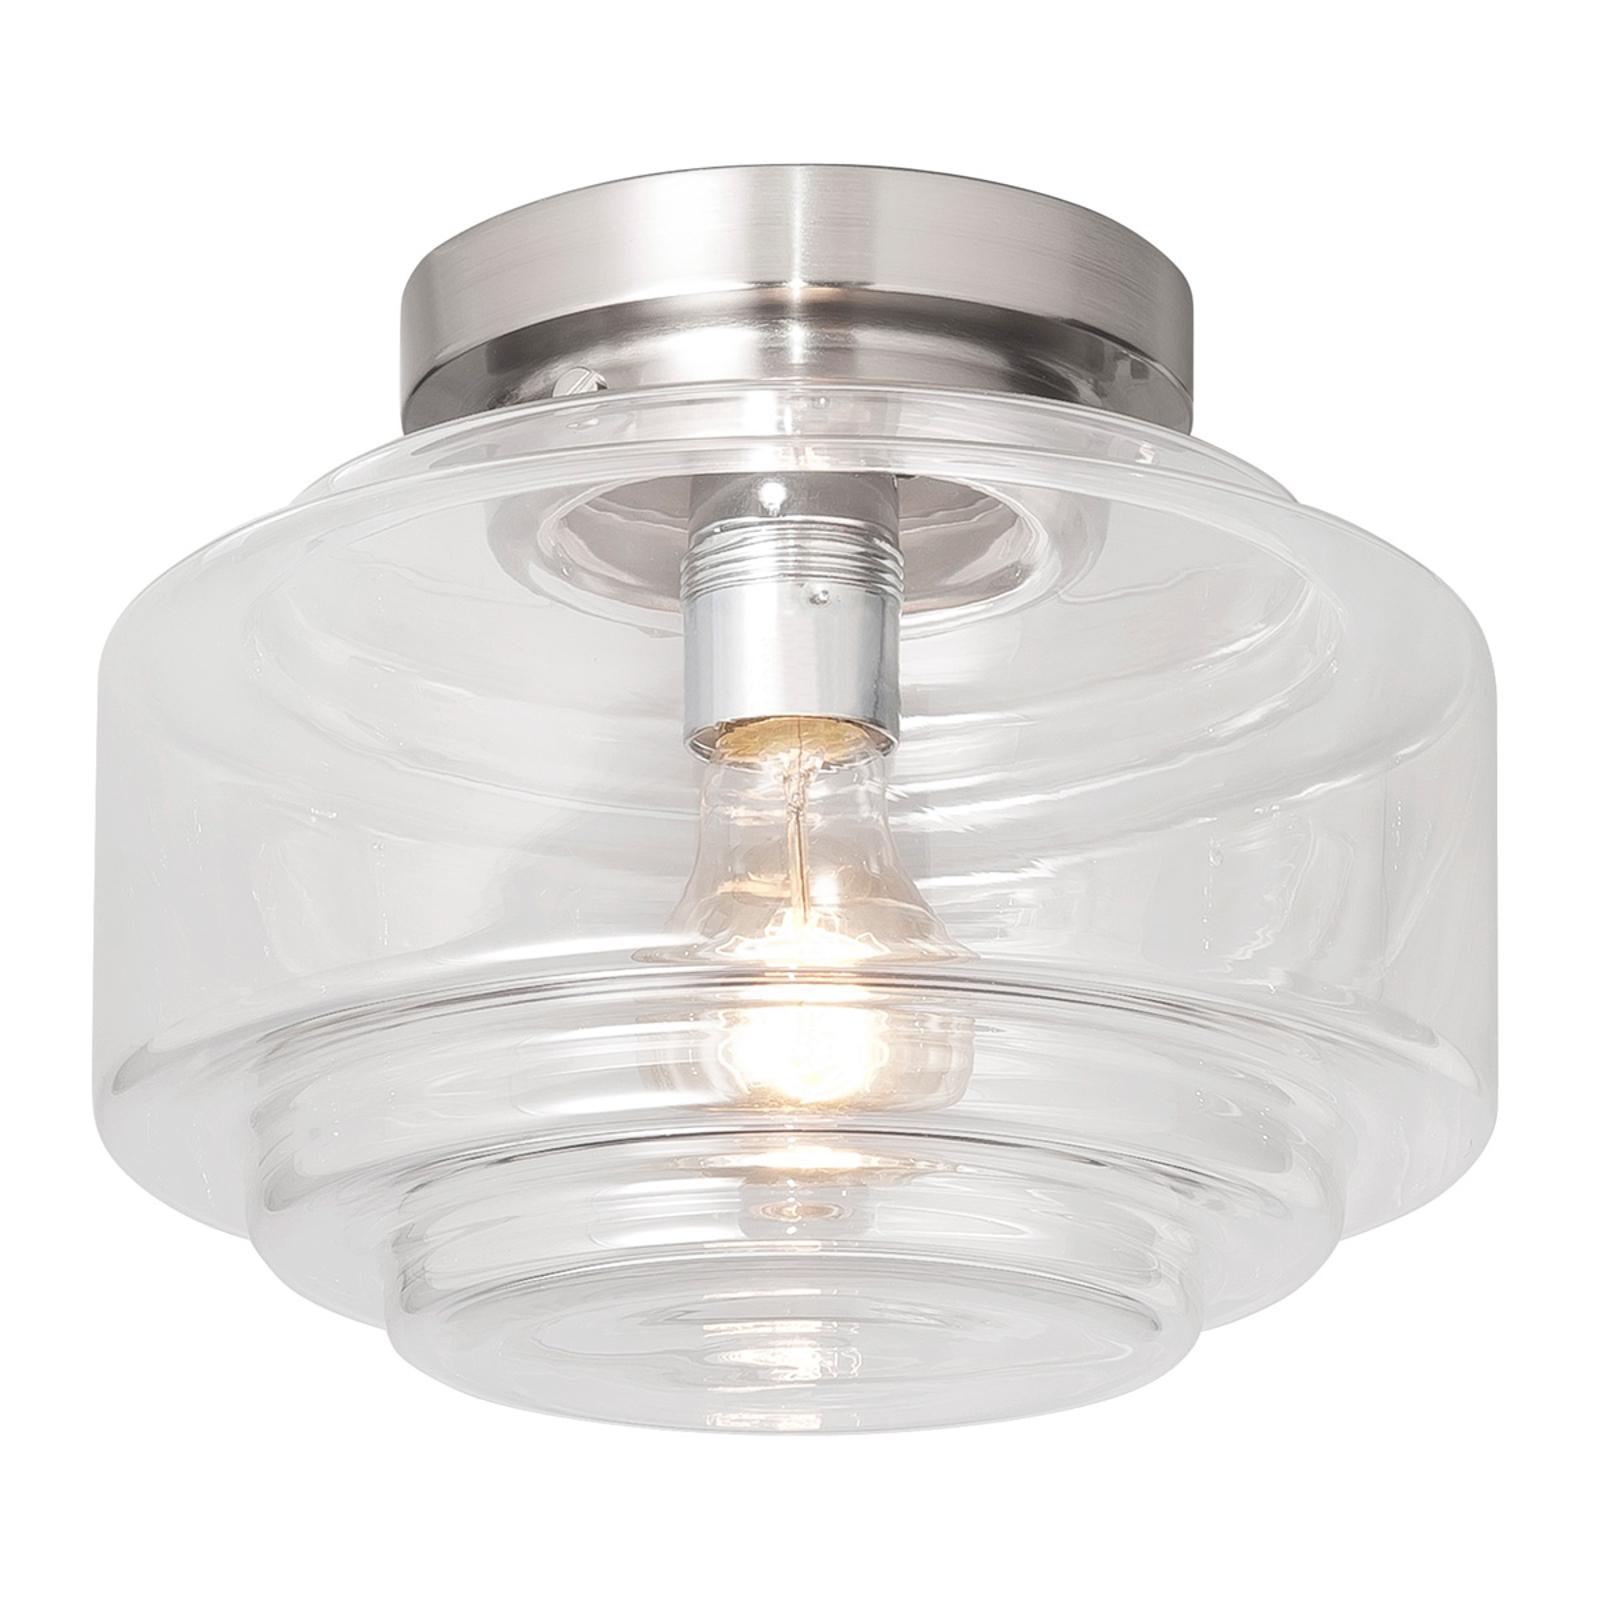 Cambridge - plafondlamp met mooie glazen kap